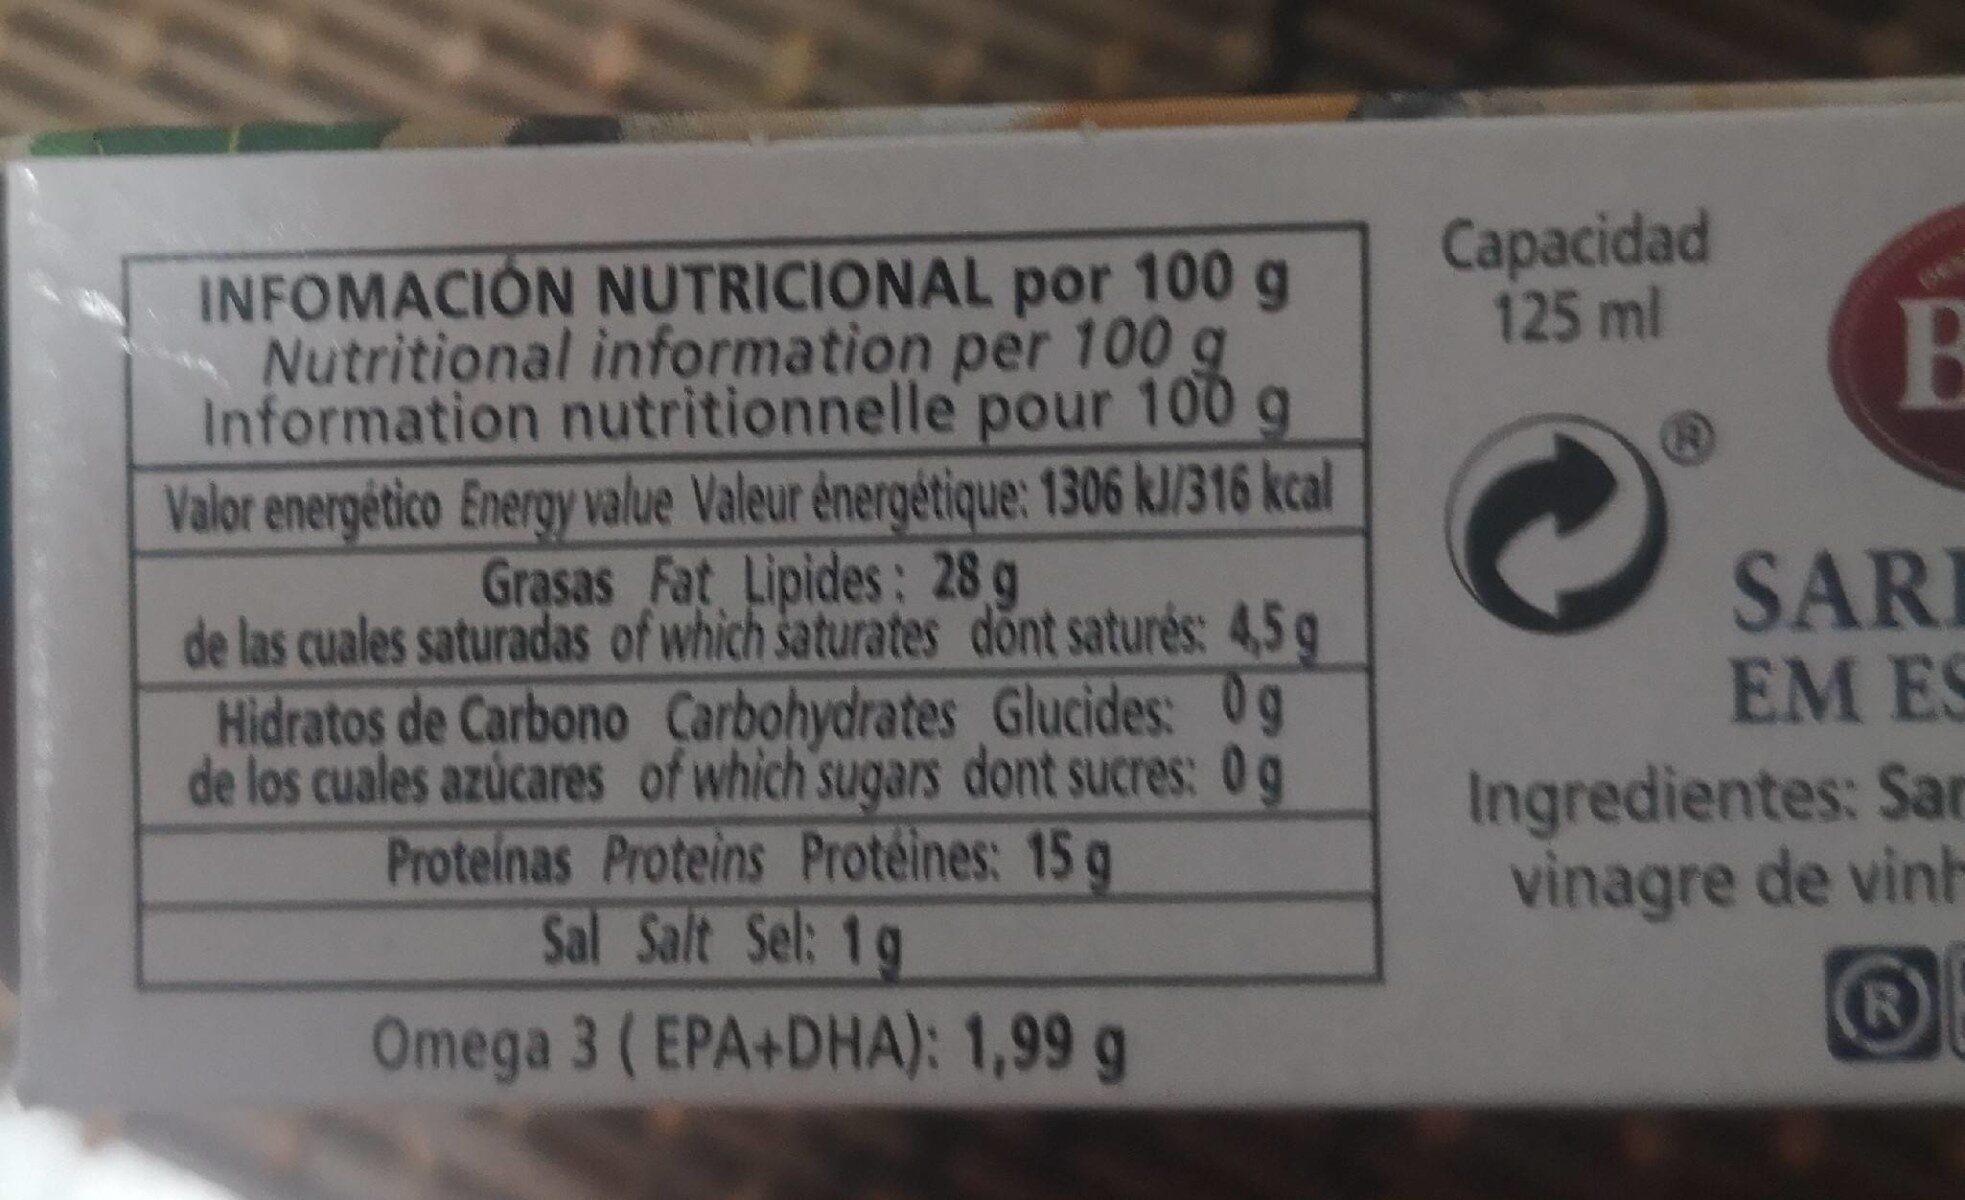 Sardinas de las rías gallegas en escabeche - Nutrition facts - es